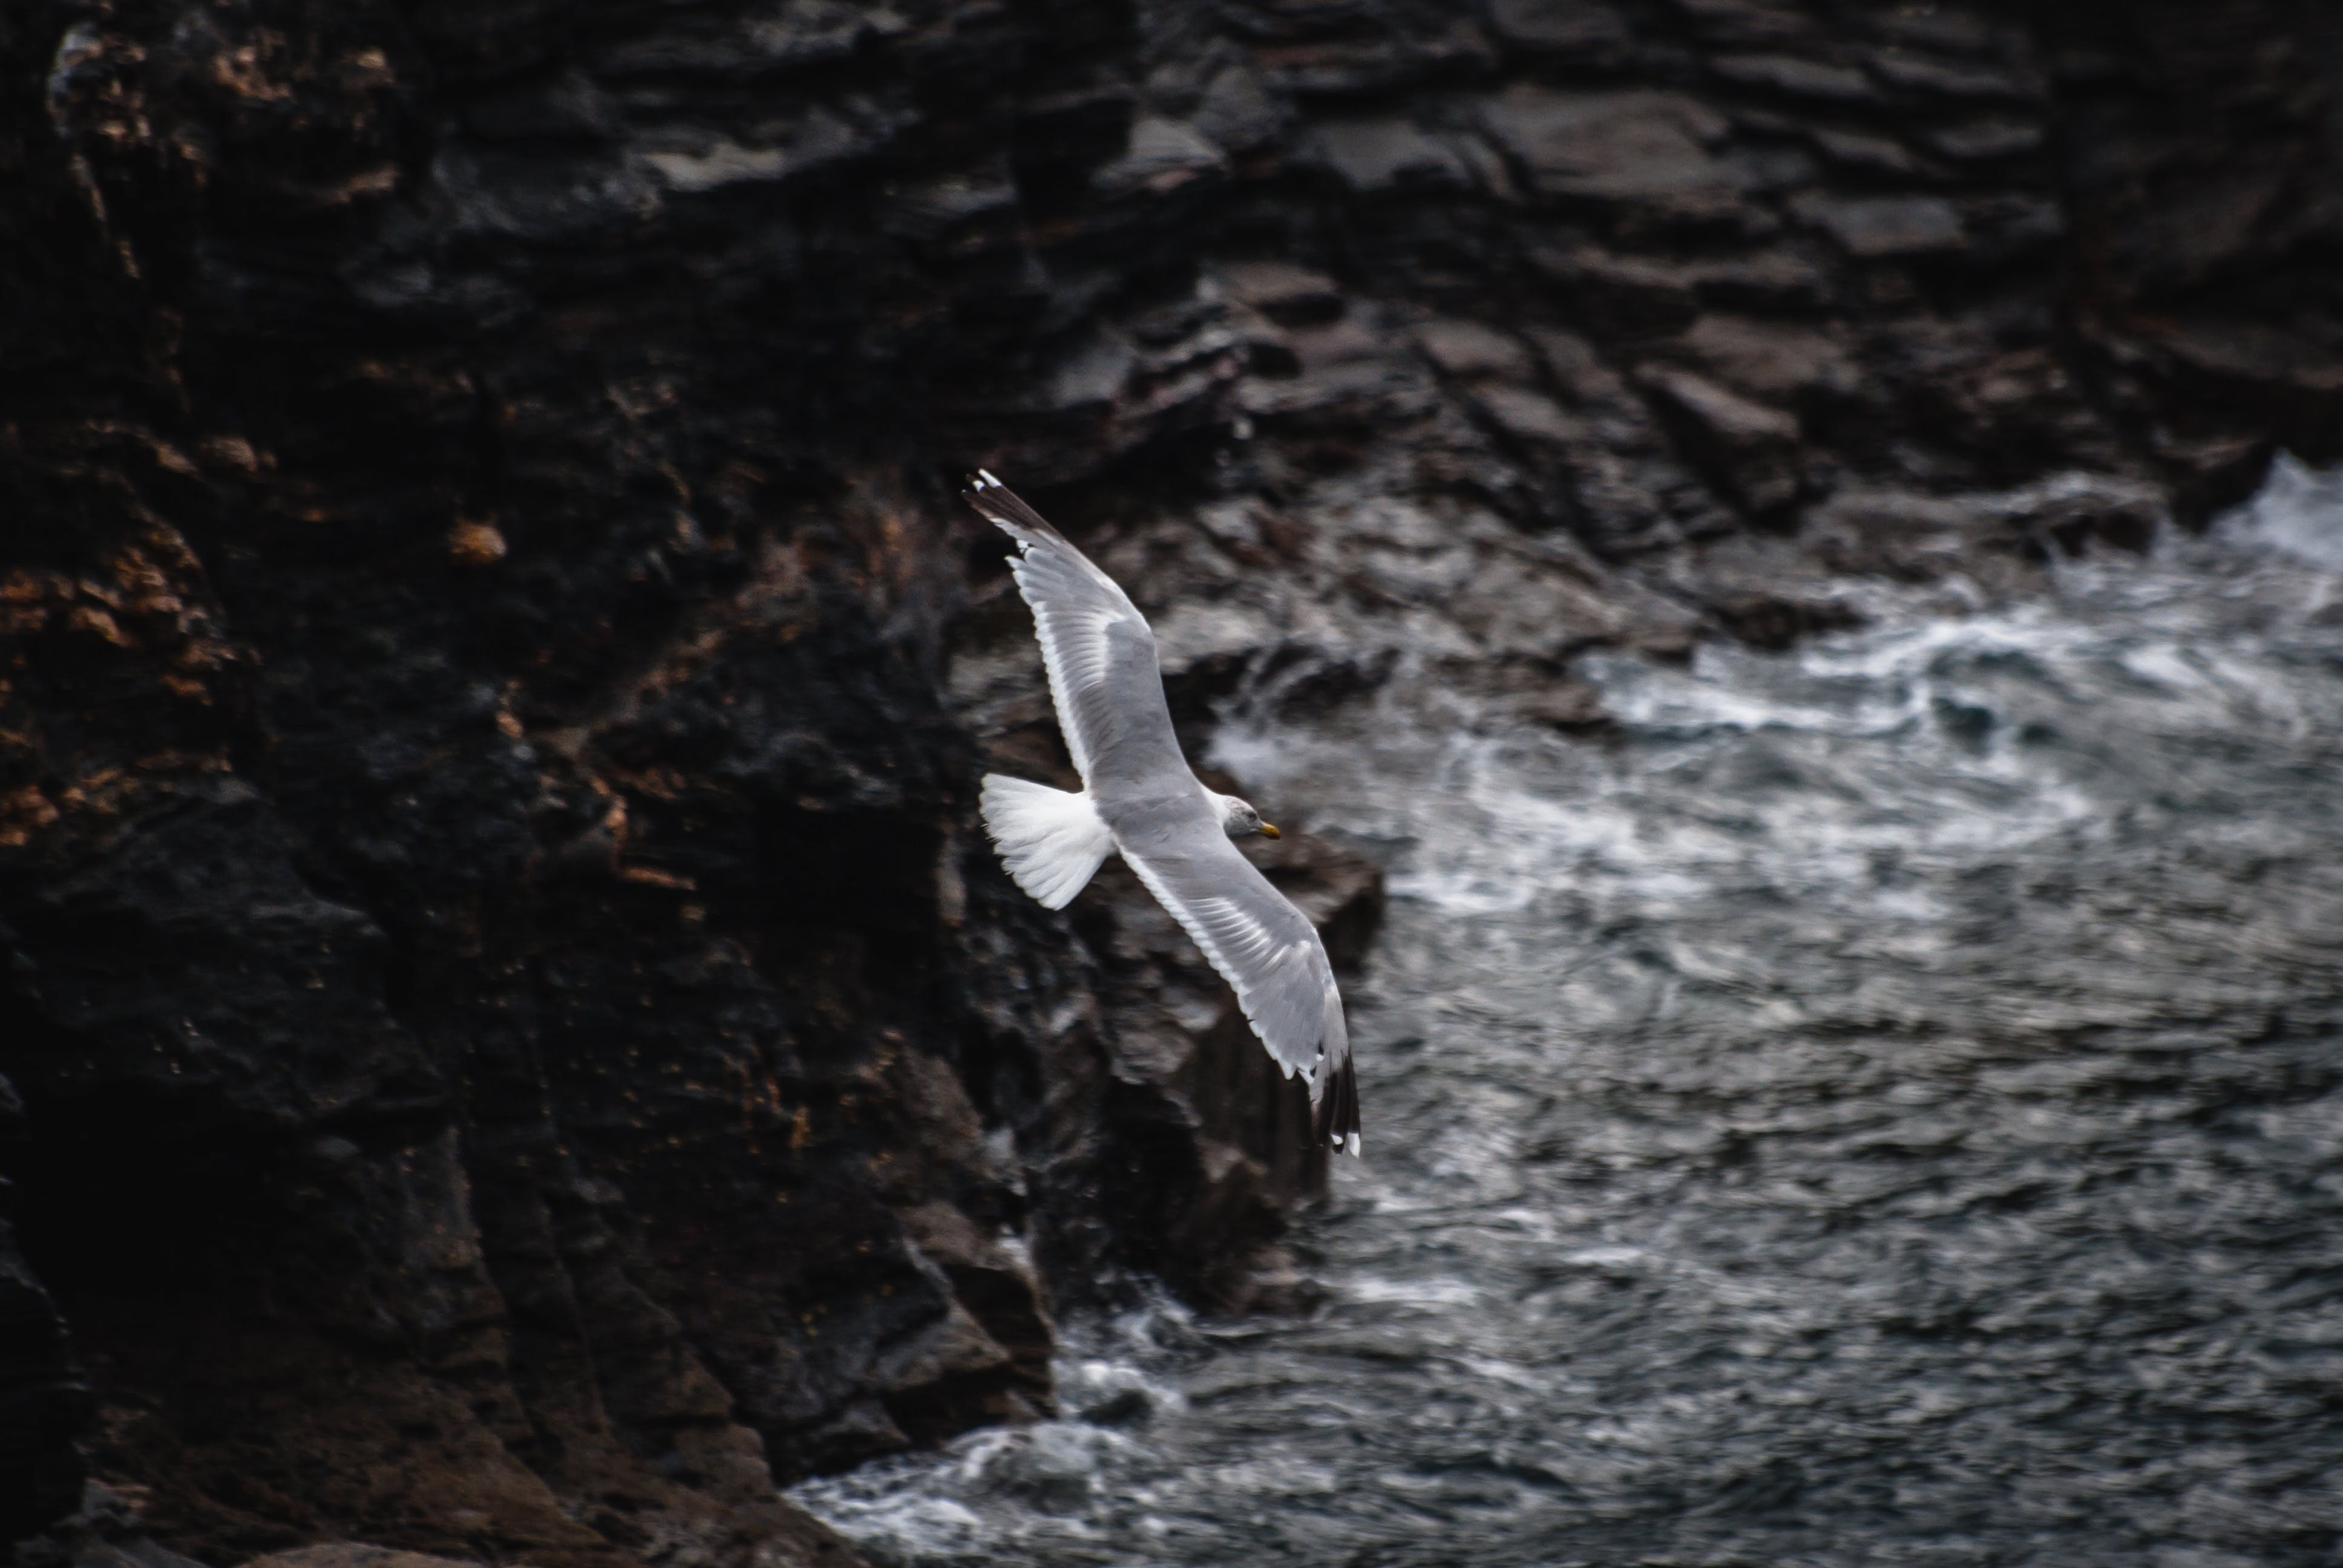 Fotos de stock gratuitas de agua, alas, animal, concentrarse